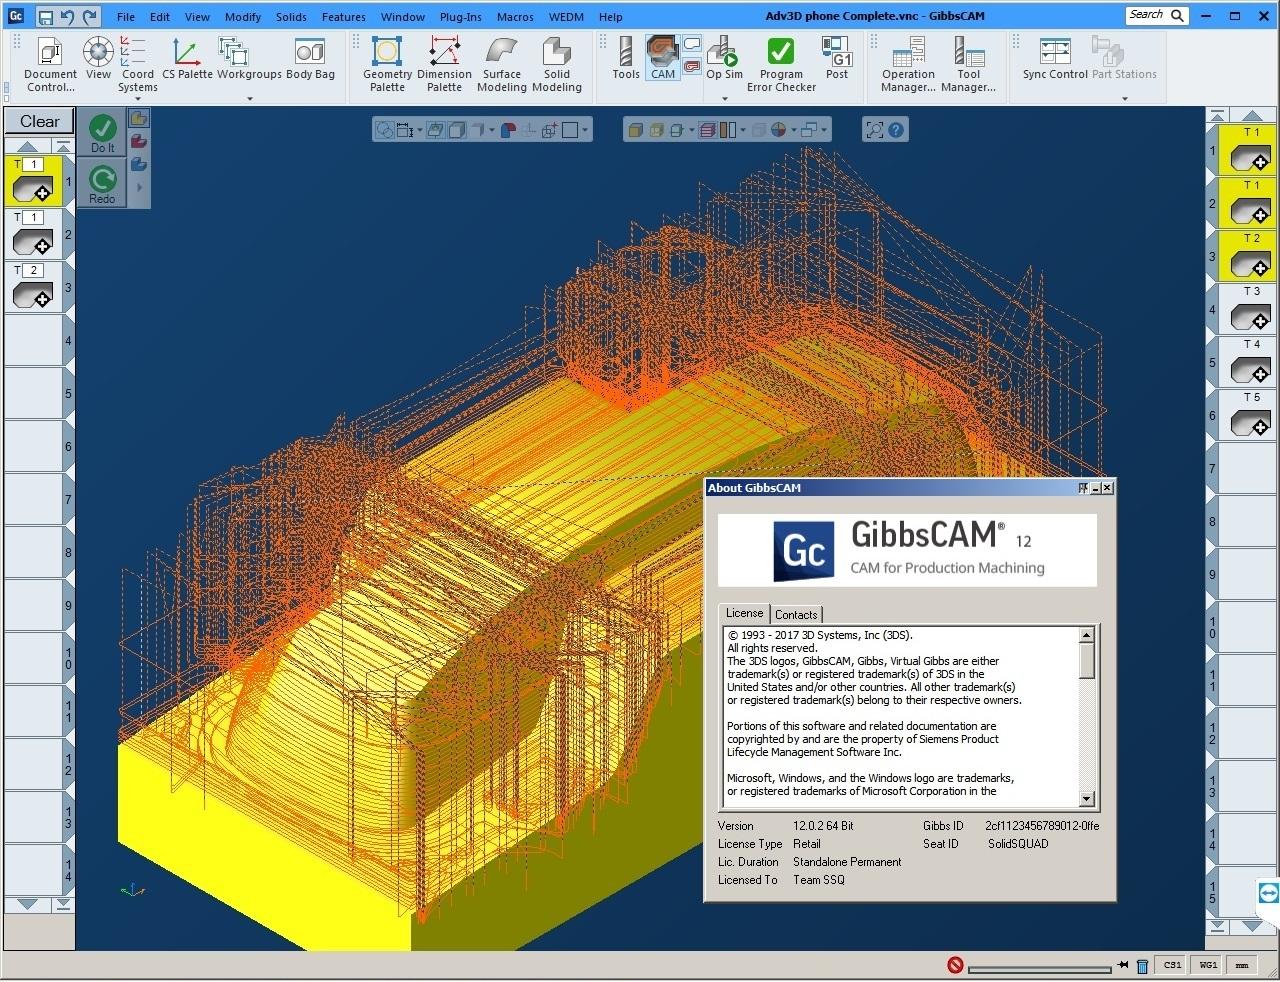 Programe with GibbsCAM V12 Build 12.0.2.0 full license